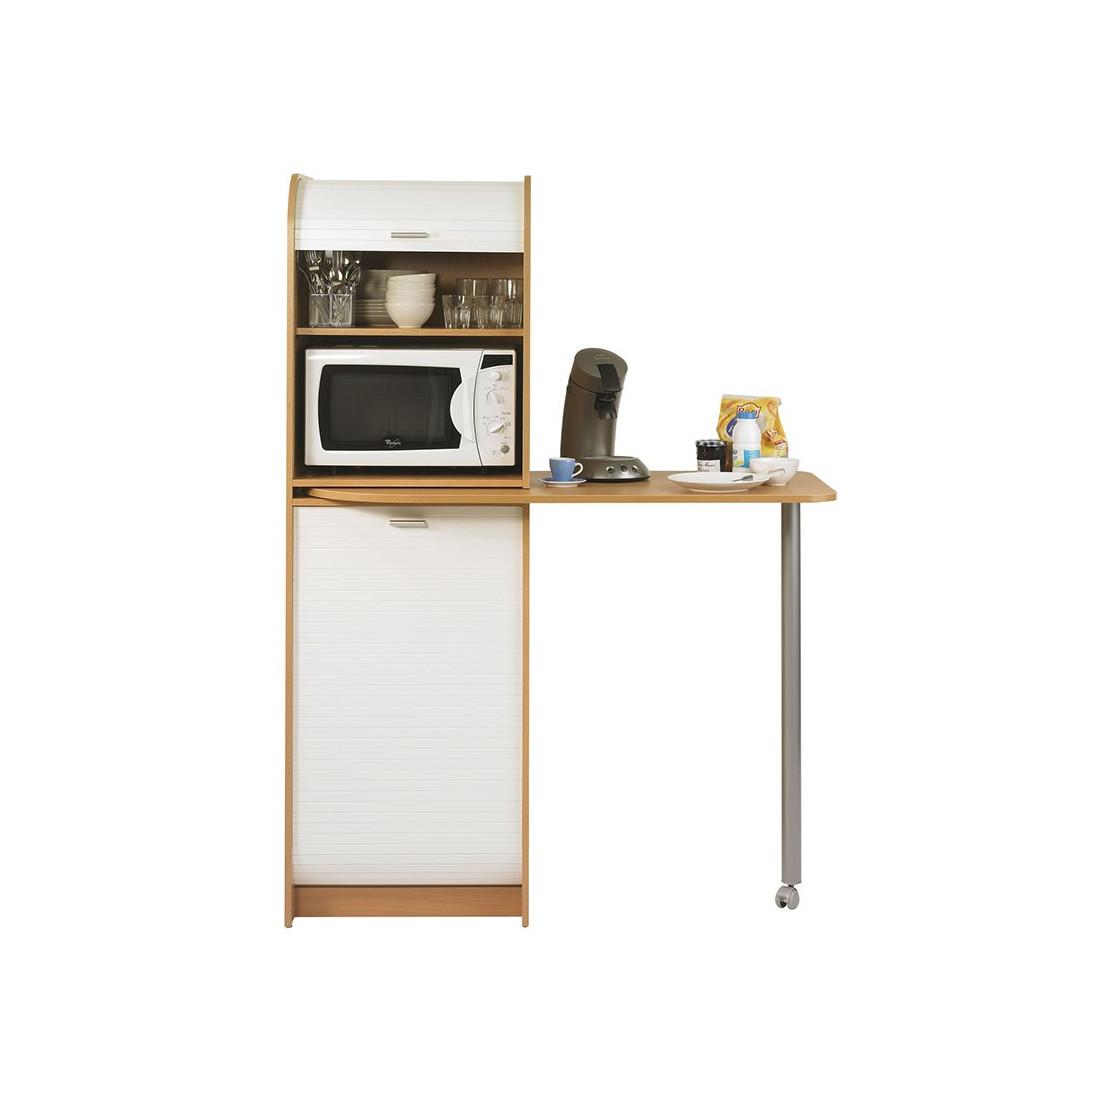 colonne de rangement plateau pivotant h tre vina. Black Bedroom Furniture Sets. Home Design Ideas